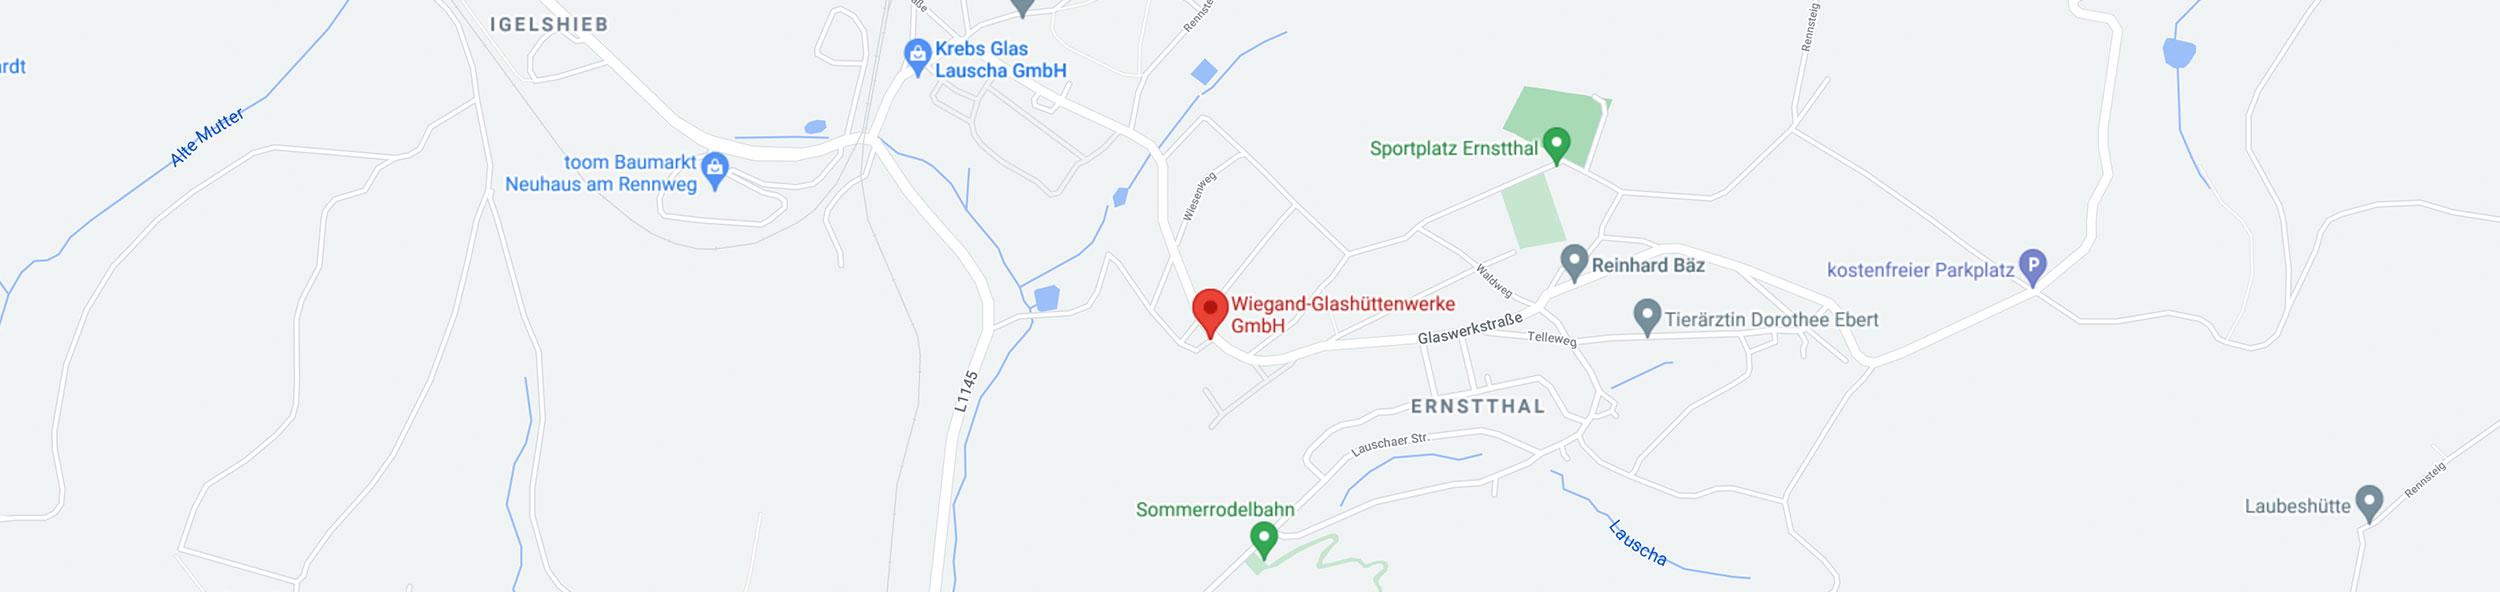 Standortkarte Wiegand-Glashüttenwerke GmbH